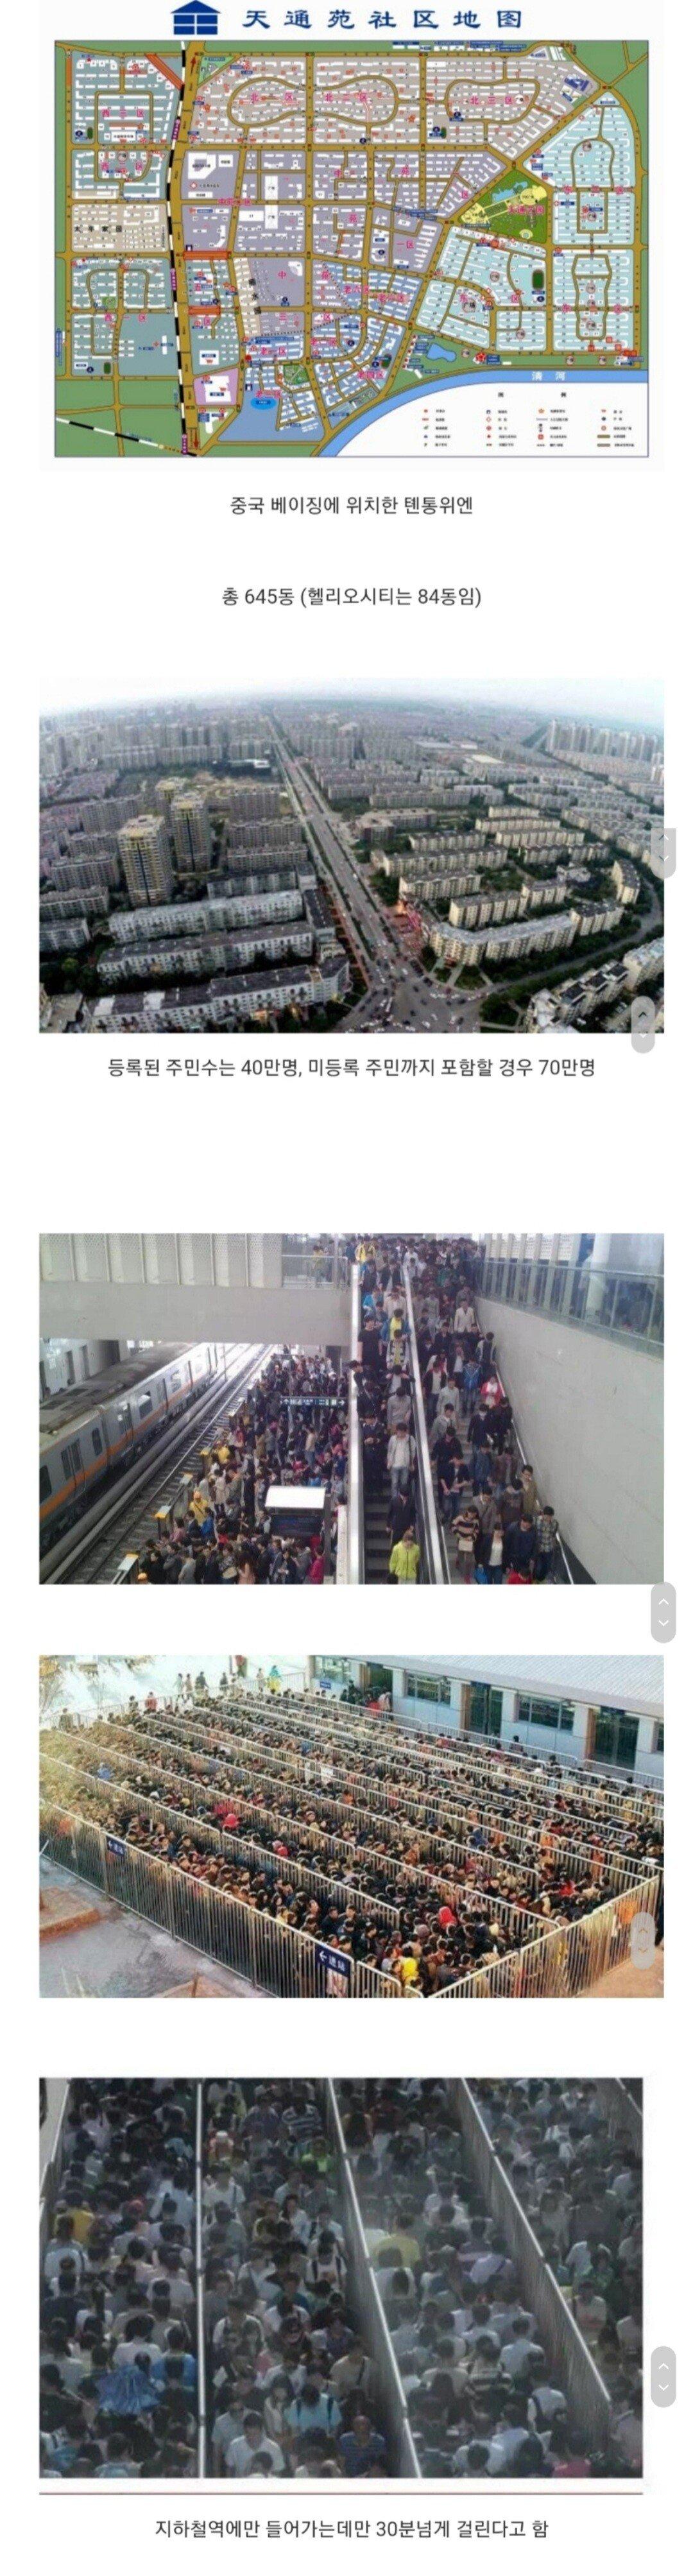 20200712_201004.jpg 아시아 최대 규모의 아파트단지.jpg